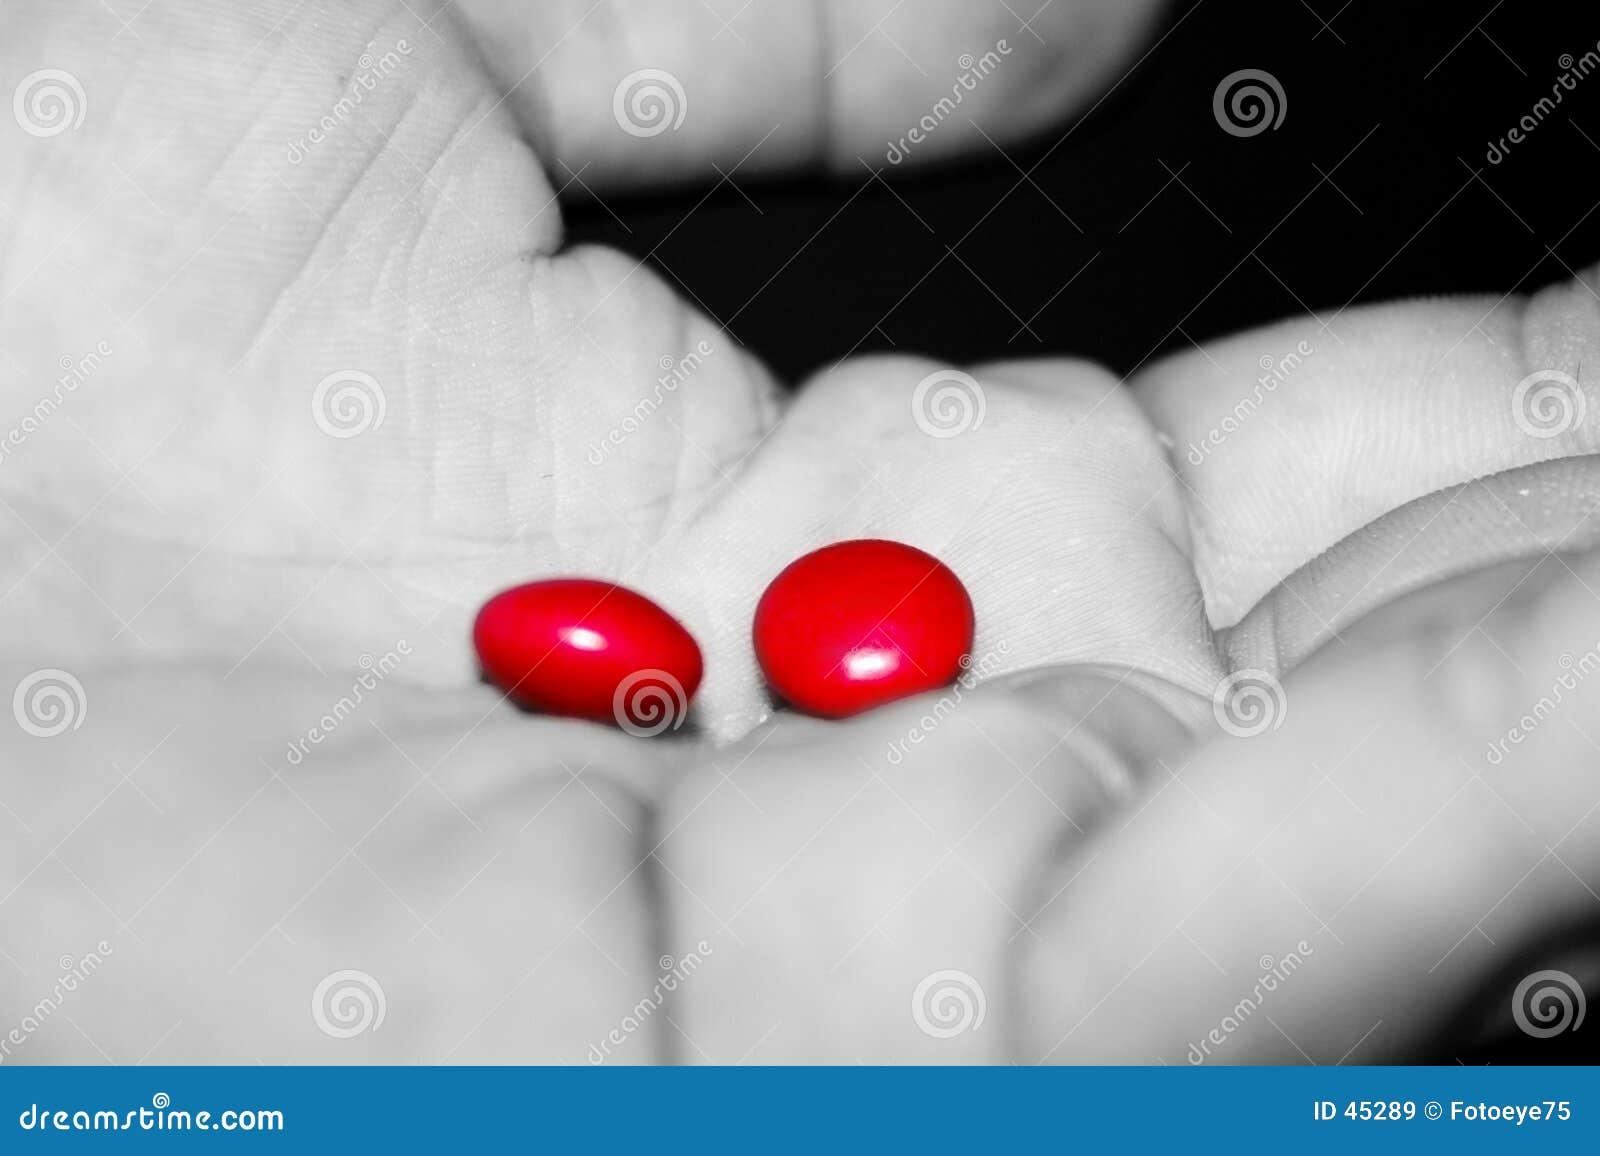 Tome la píldora roja